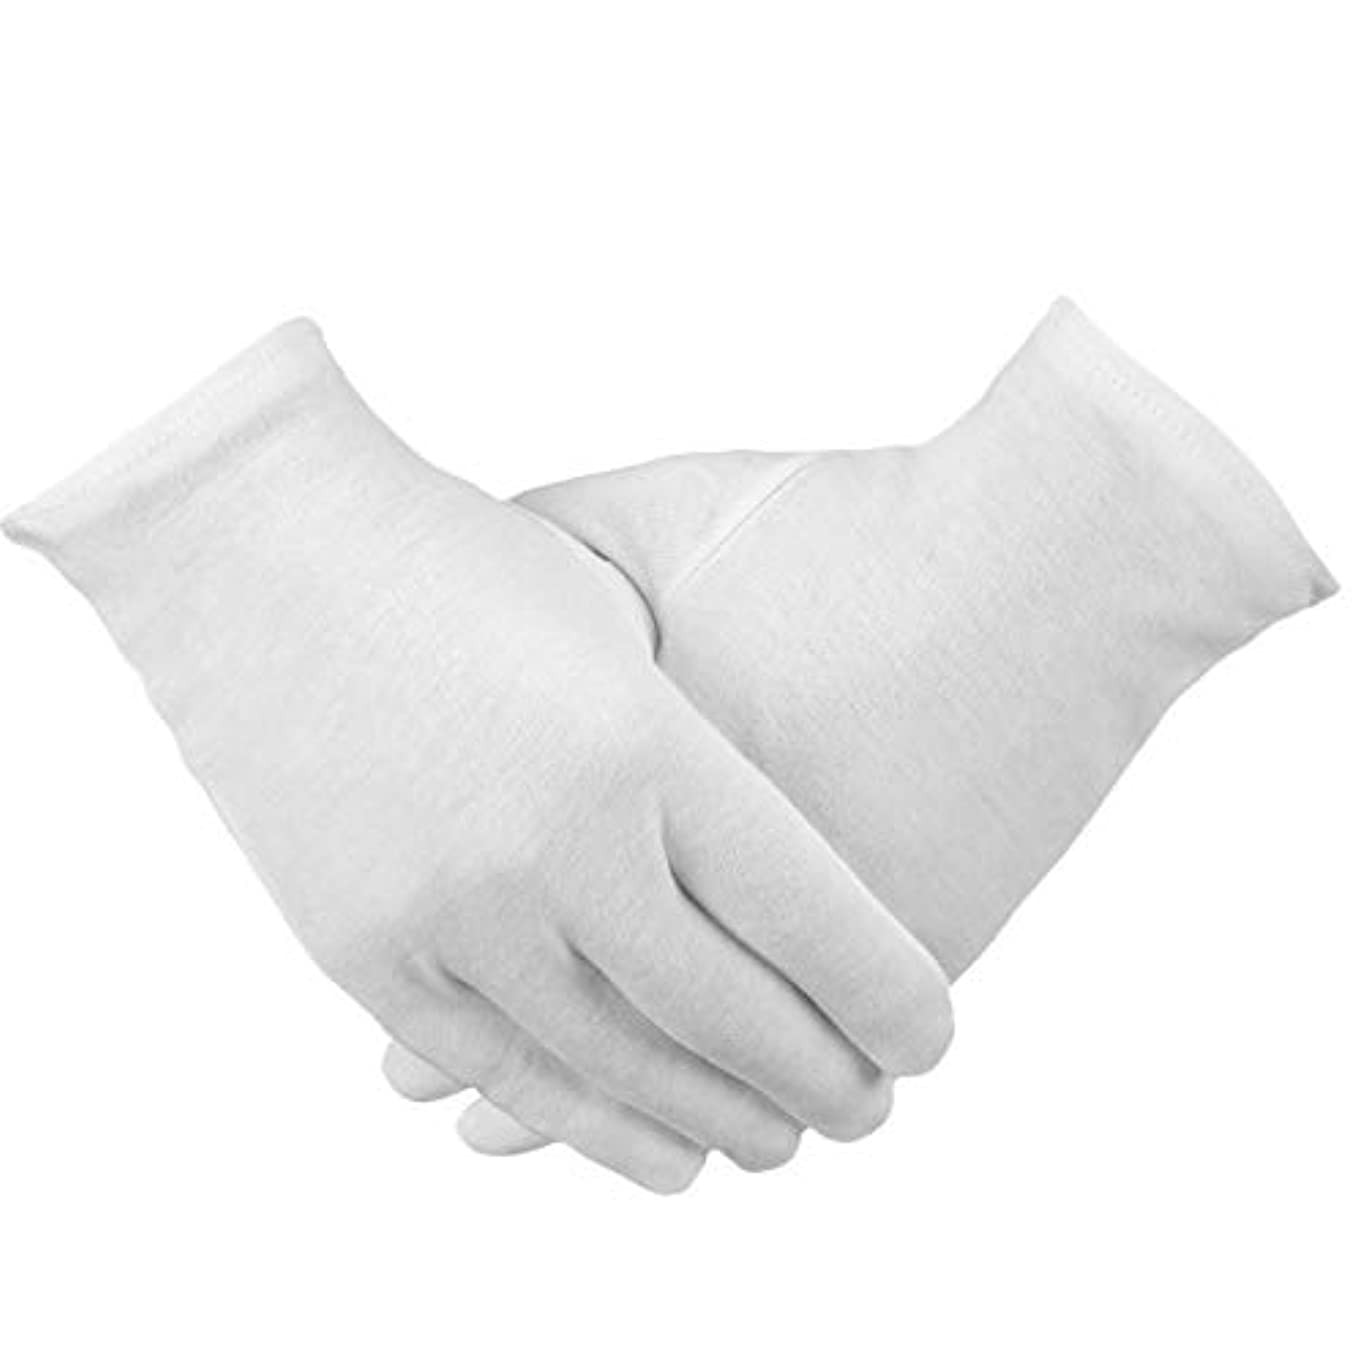 ナット公爵ペインギリックPAMASE 12ペア 手荒れ対策 コットン手袋 綿手袋 純綿 ハンドケア 白手袋 お休み 乾燥肌用 保湿用 家事用 礼装用 メンズ レディース 手袋